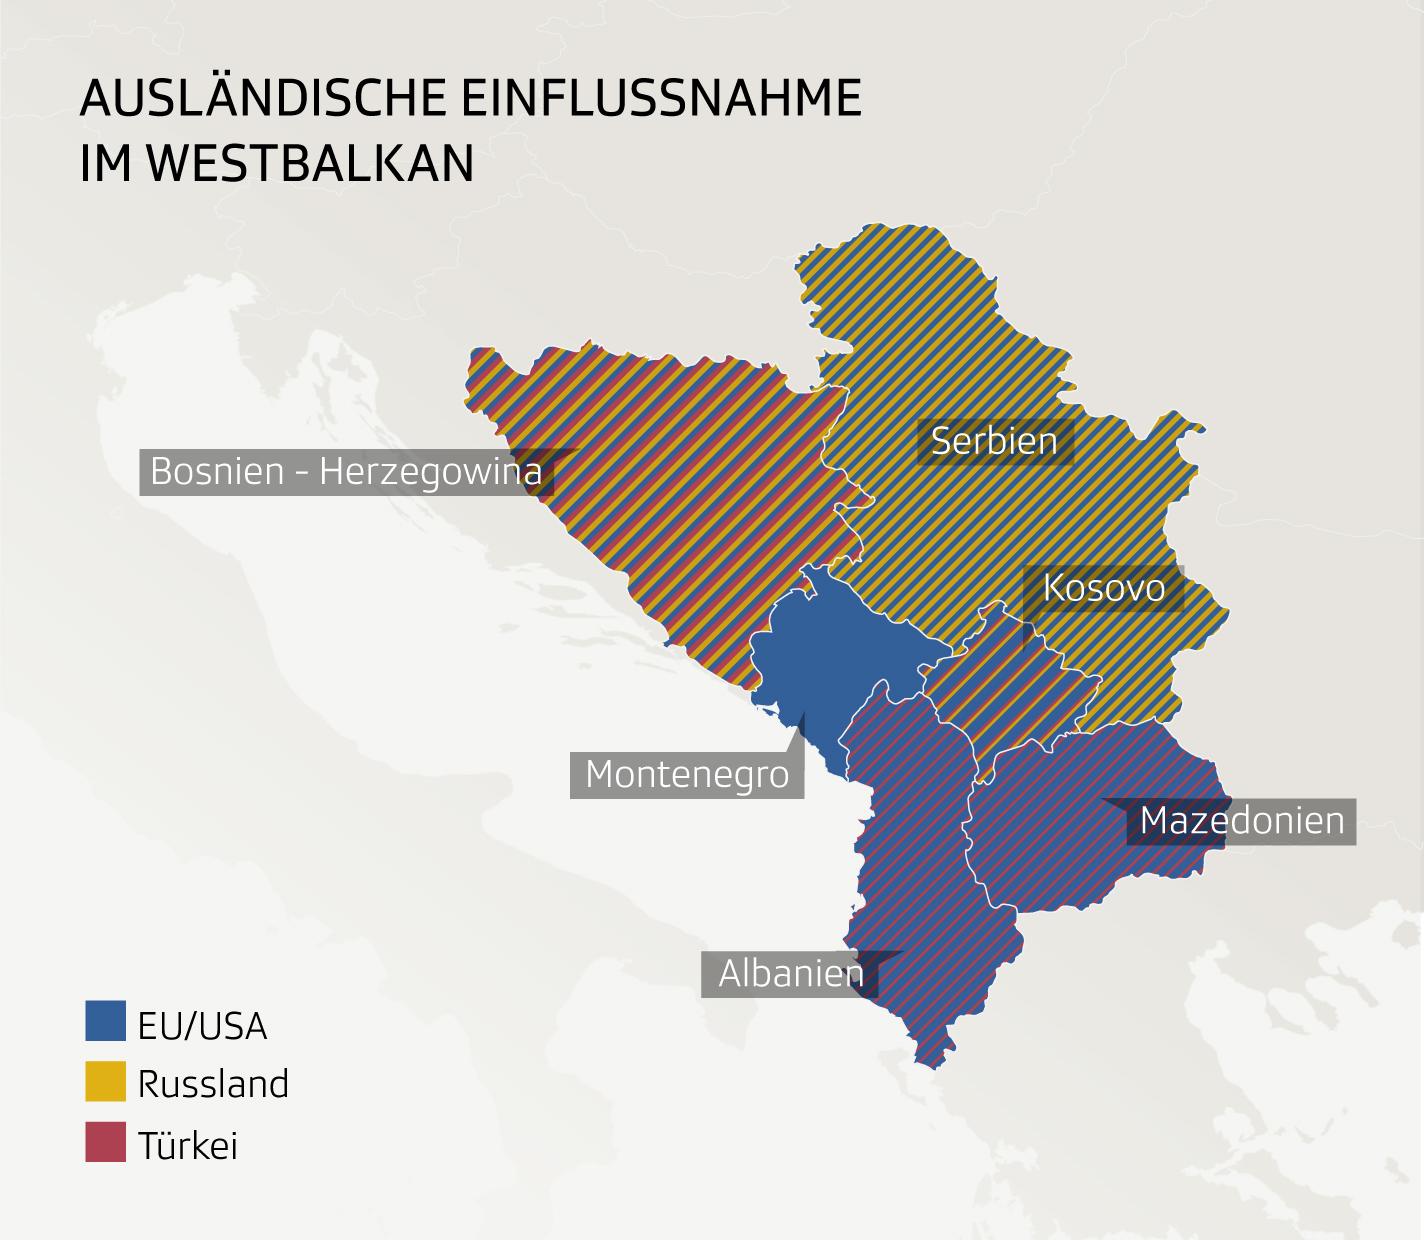 Einflussnahme ausländischer Mächte im Westbalkan